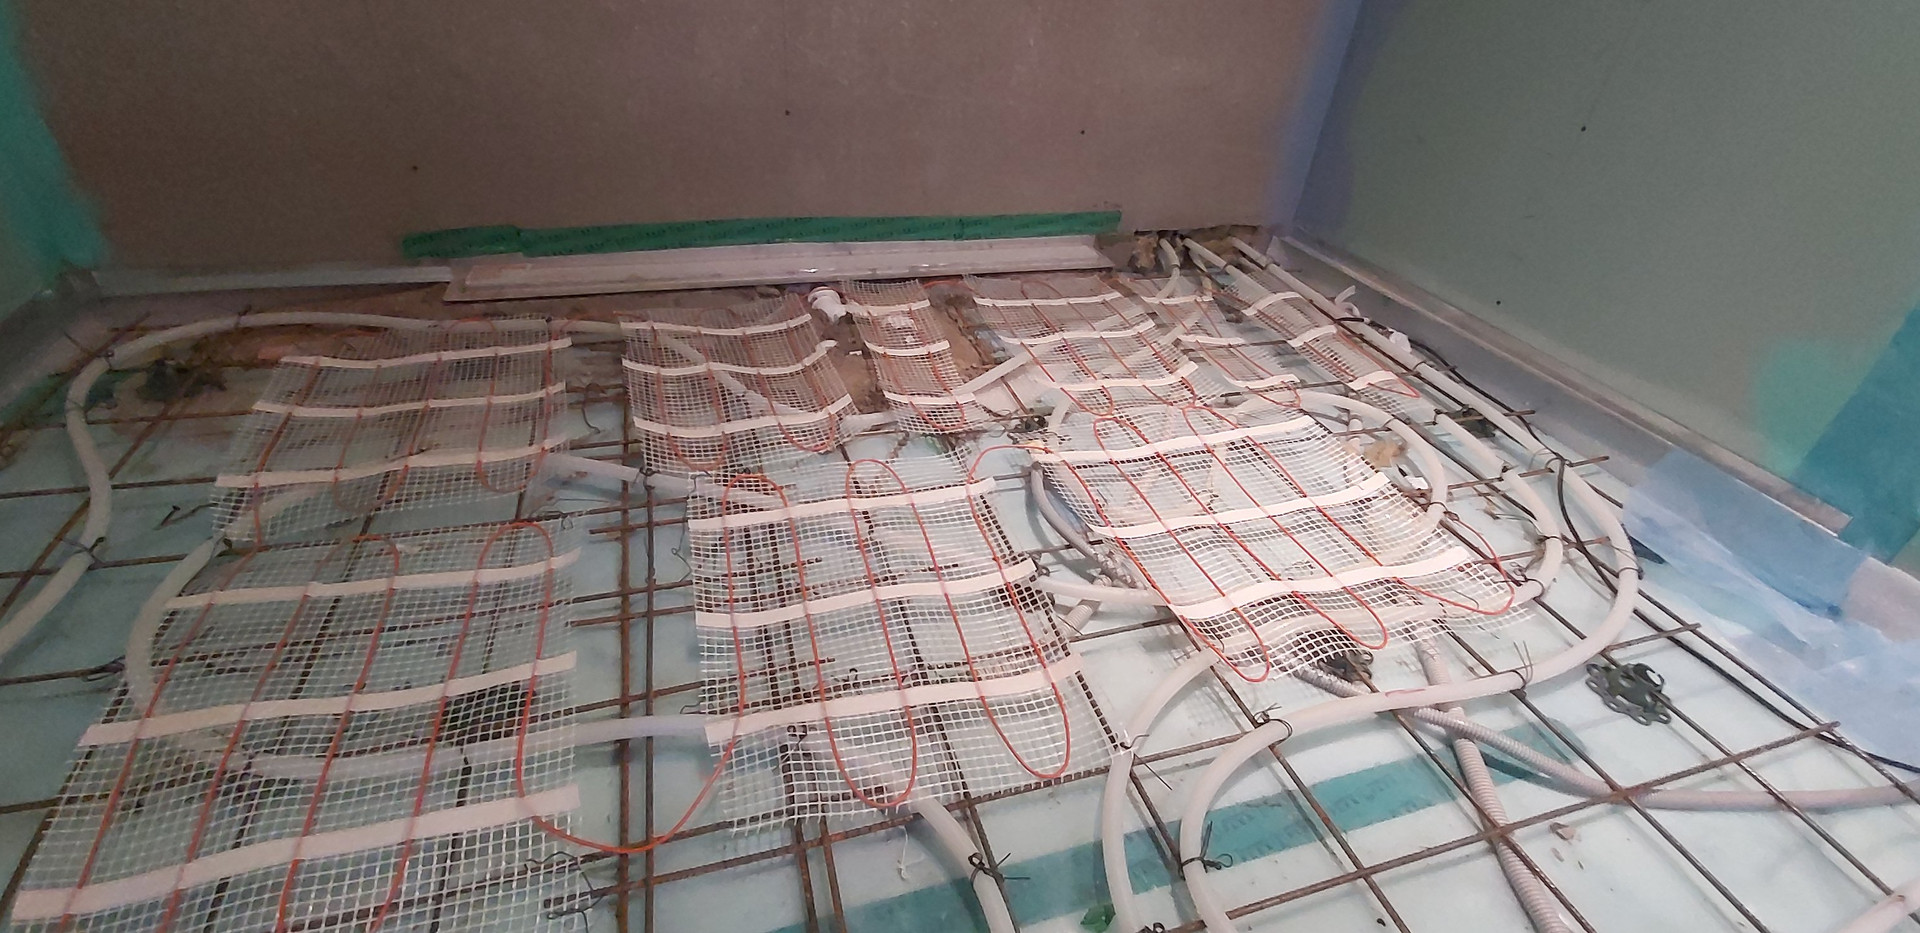 Vesi põrandaküte ja ajutine elektriline põrandaküte